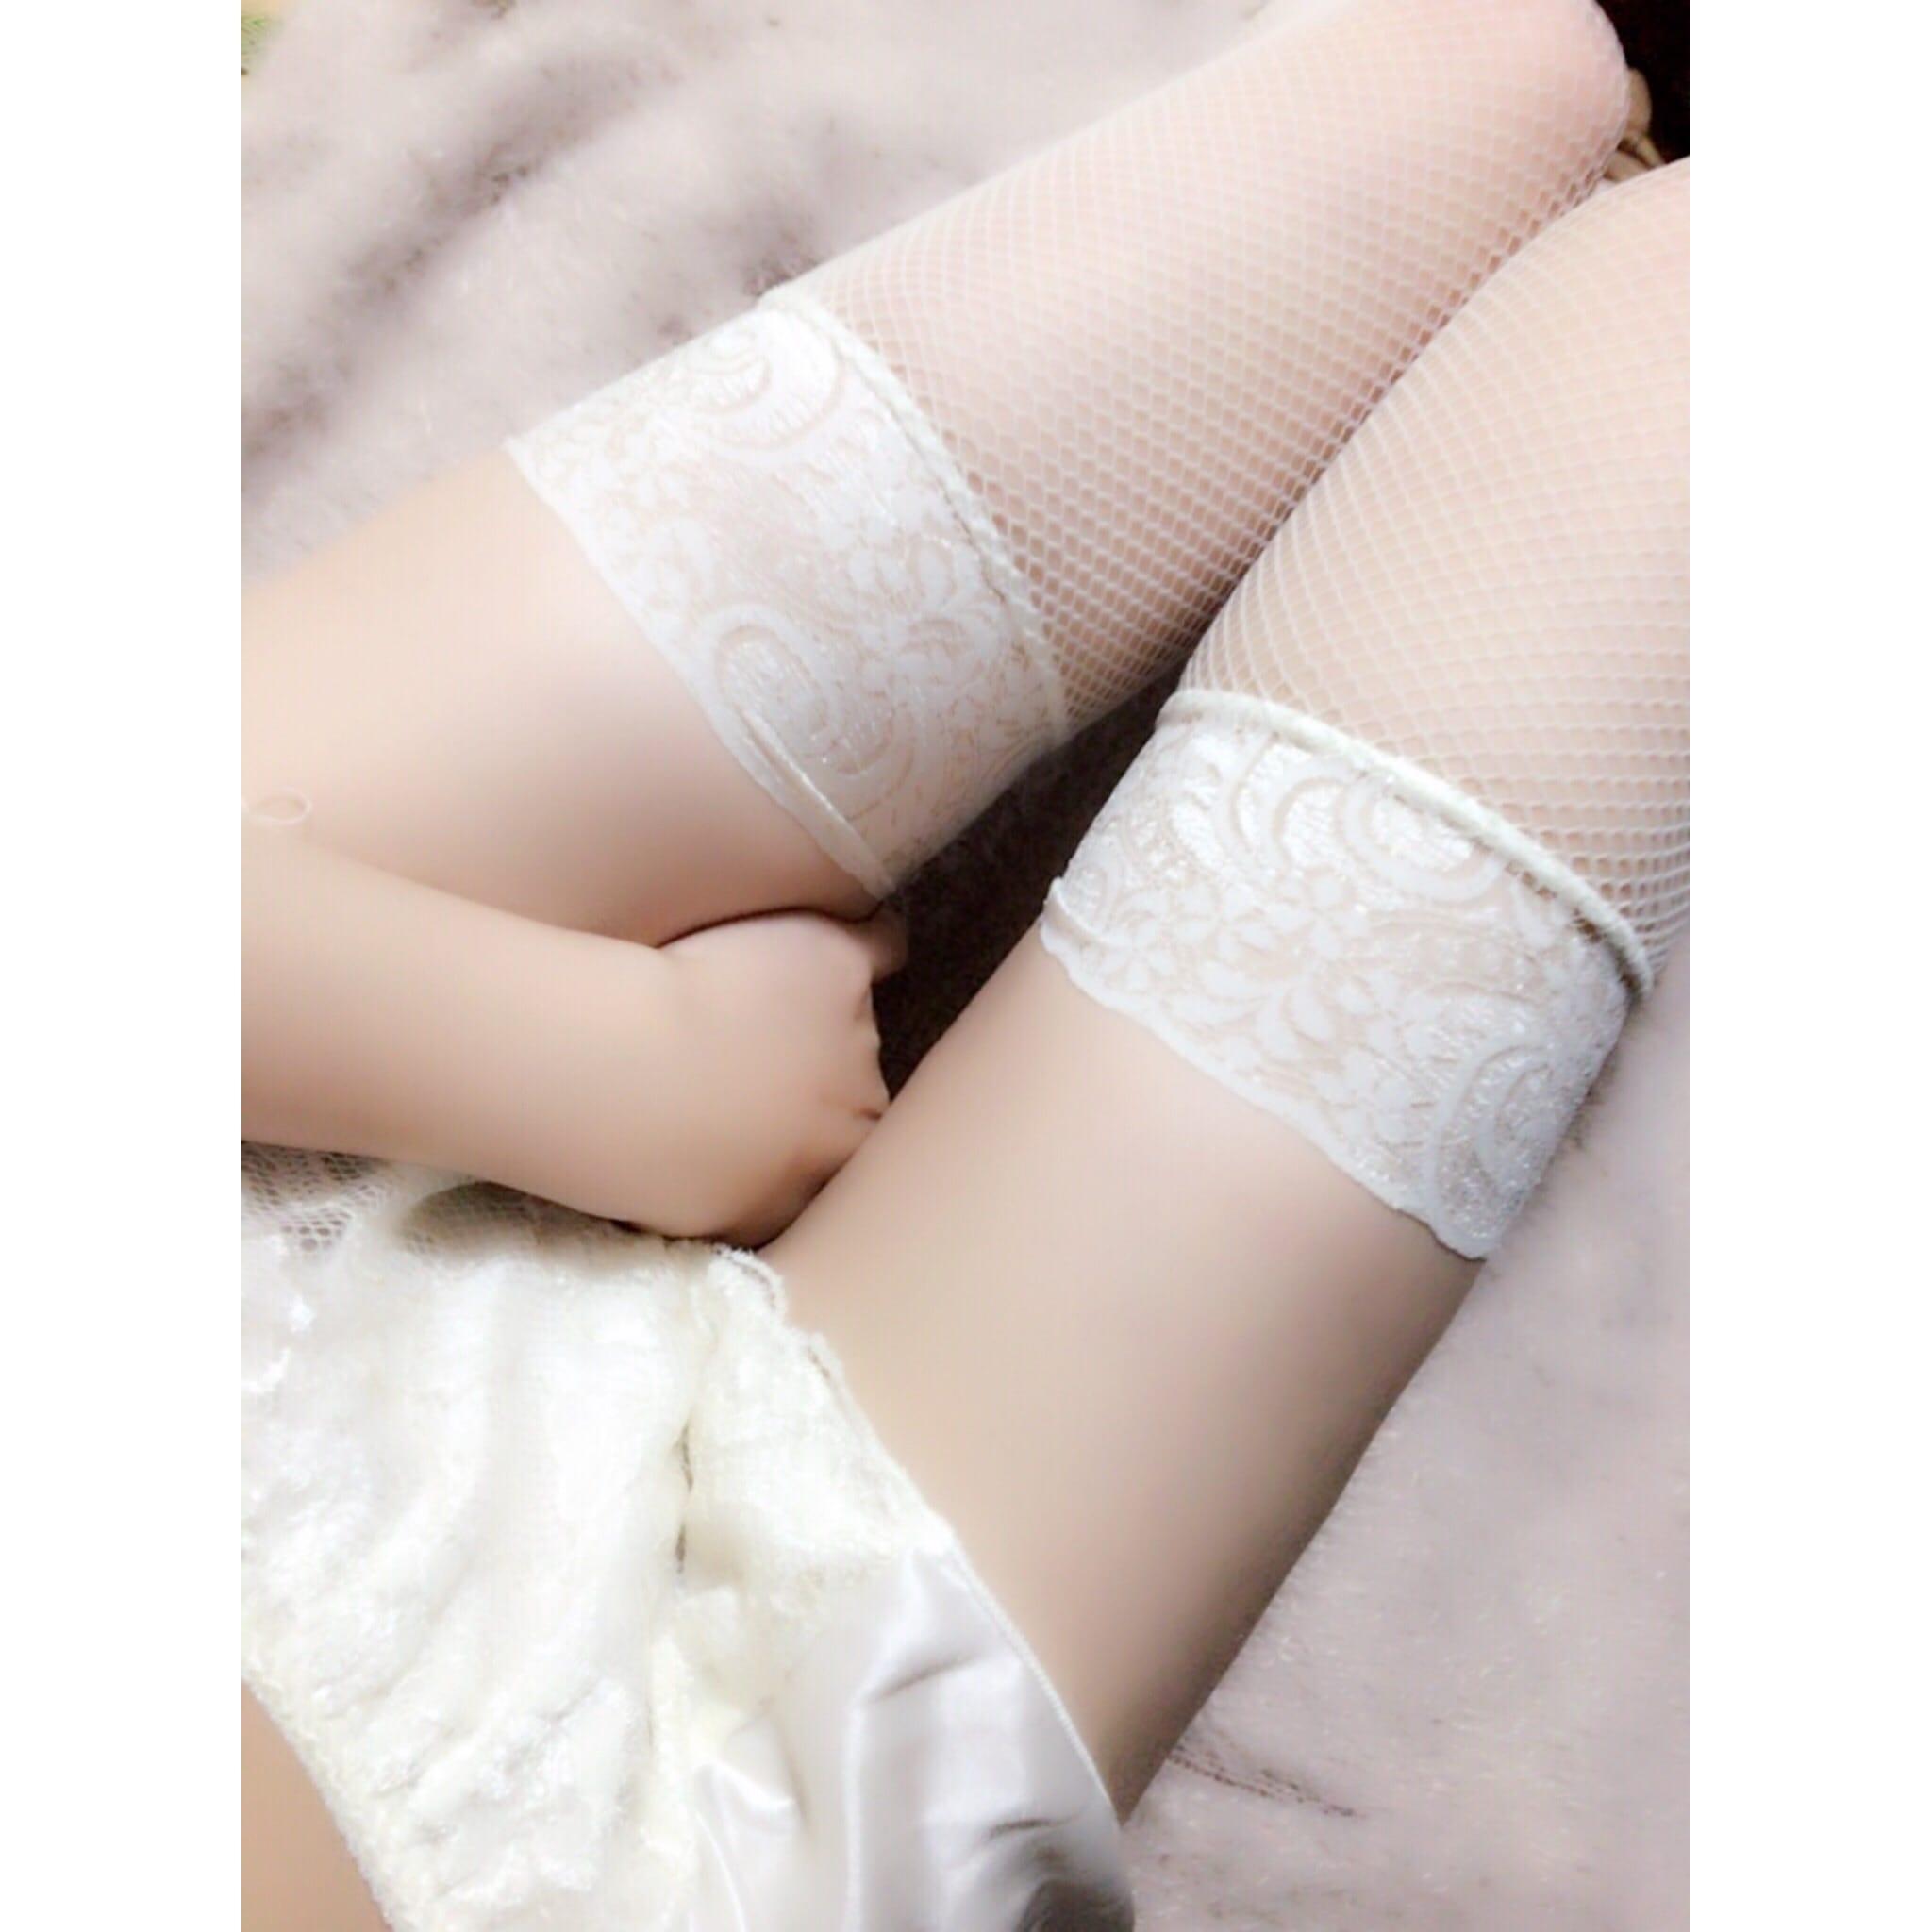 「お礼(*´∨`*)ノ」11/21(11/21) 23:55   べりぃの写メ・風俗動画